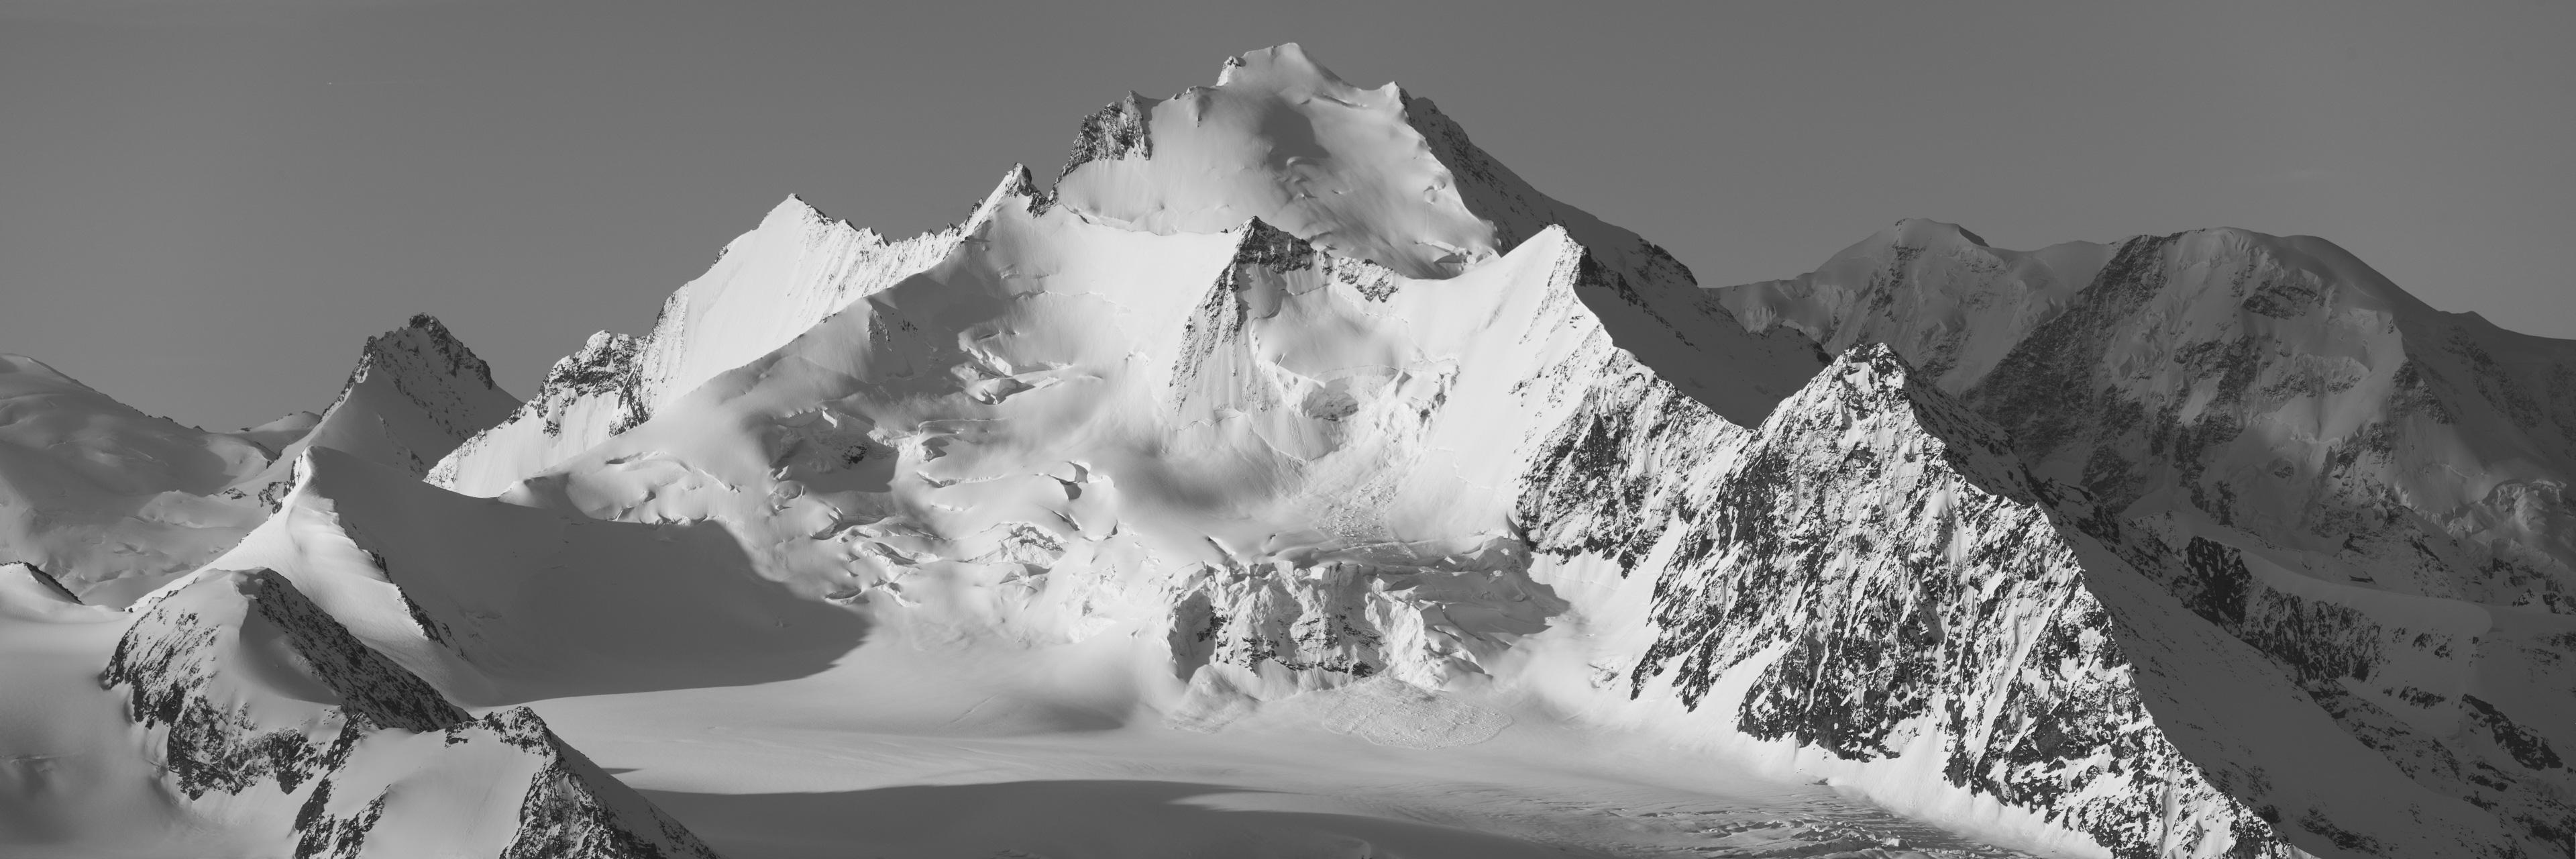 Mischabels - Saas Fee Crans Montana - photo d'une vue panoramique noir et blanc du dom de Mischabels